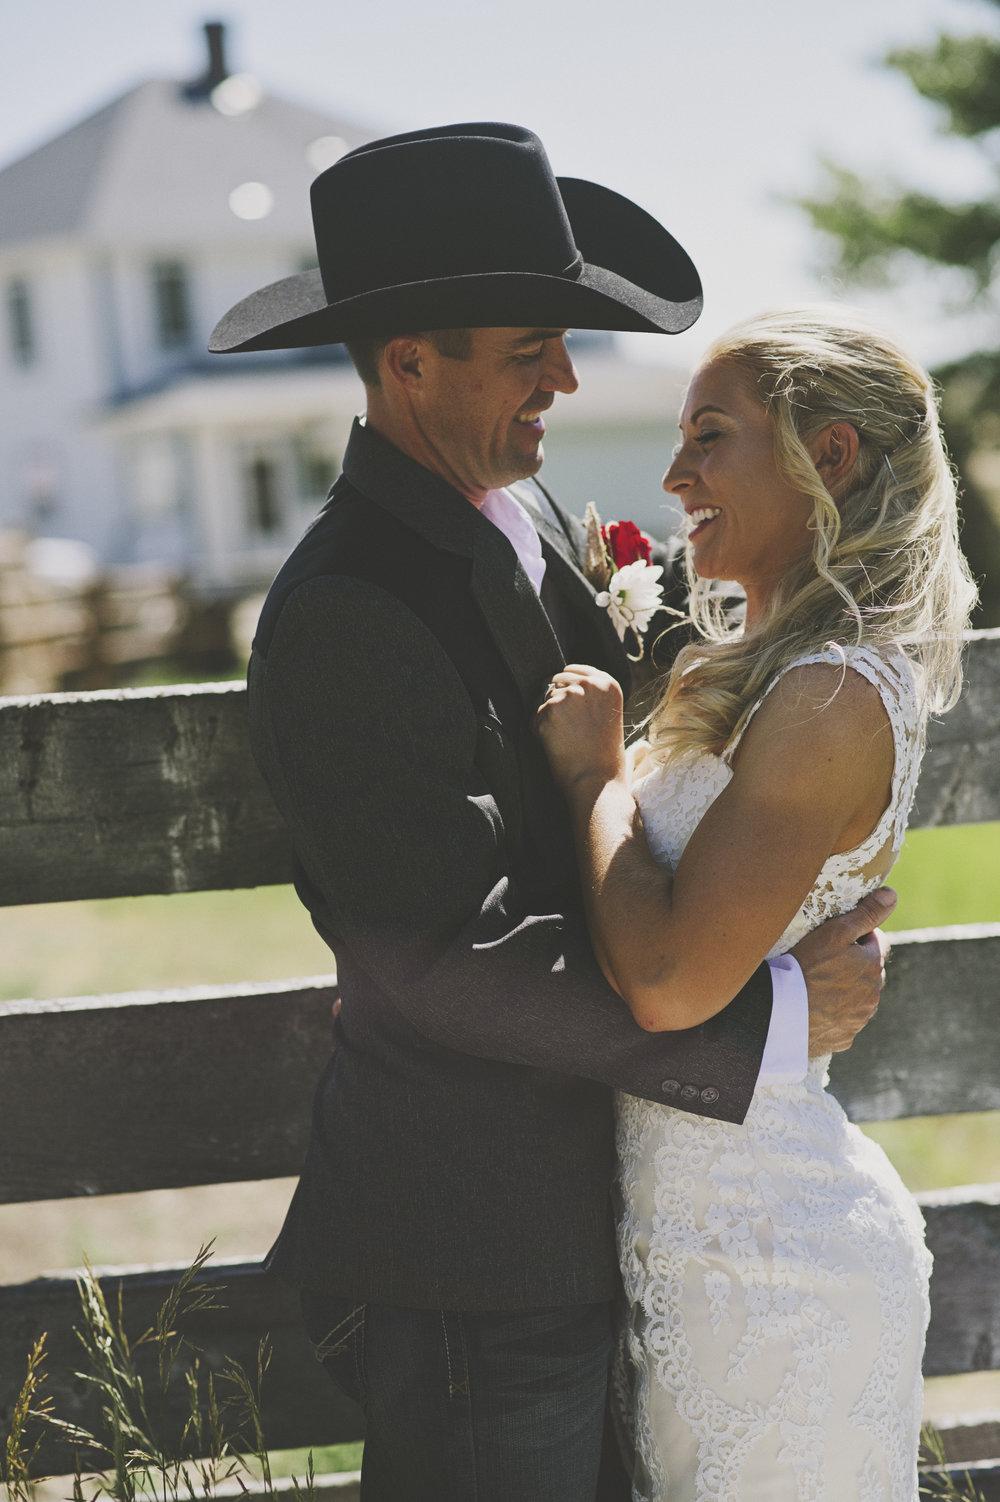 Erica Lind + Jeff Heim Wedding_Rustic Wedding_Montana Wedding_Kelsey Lane Photography-3954-2 copy.jpg